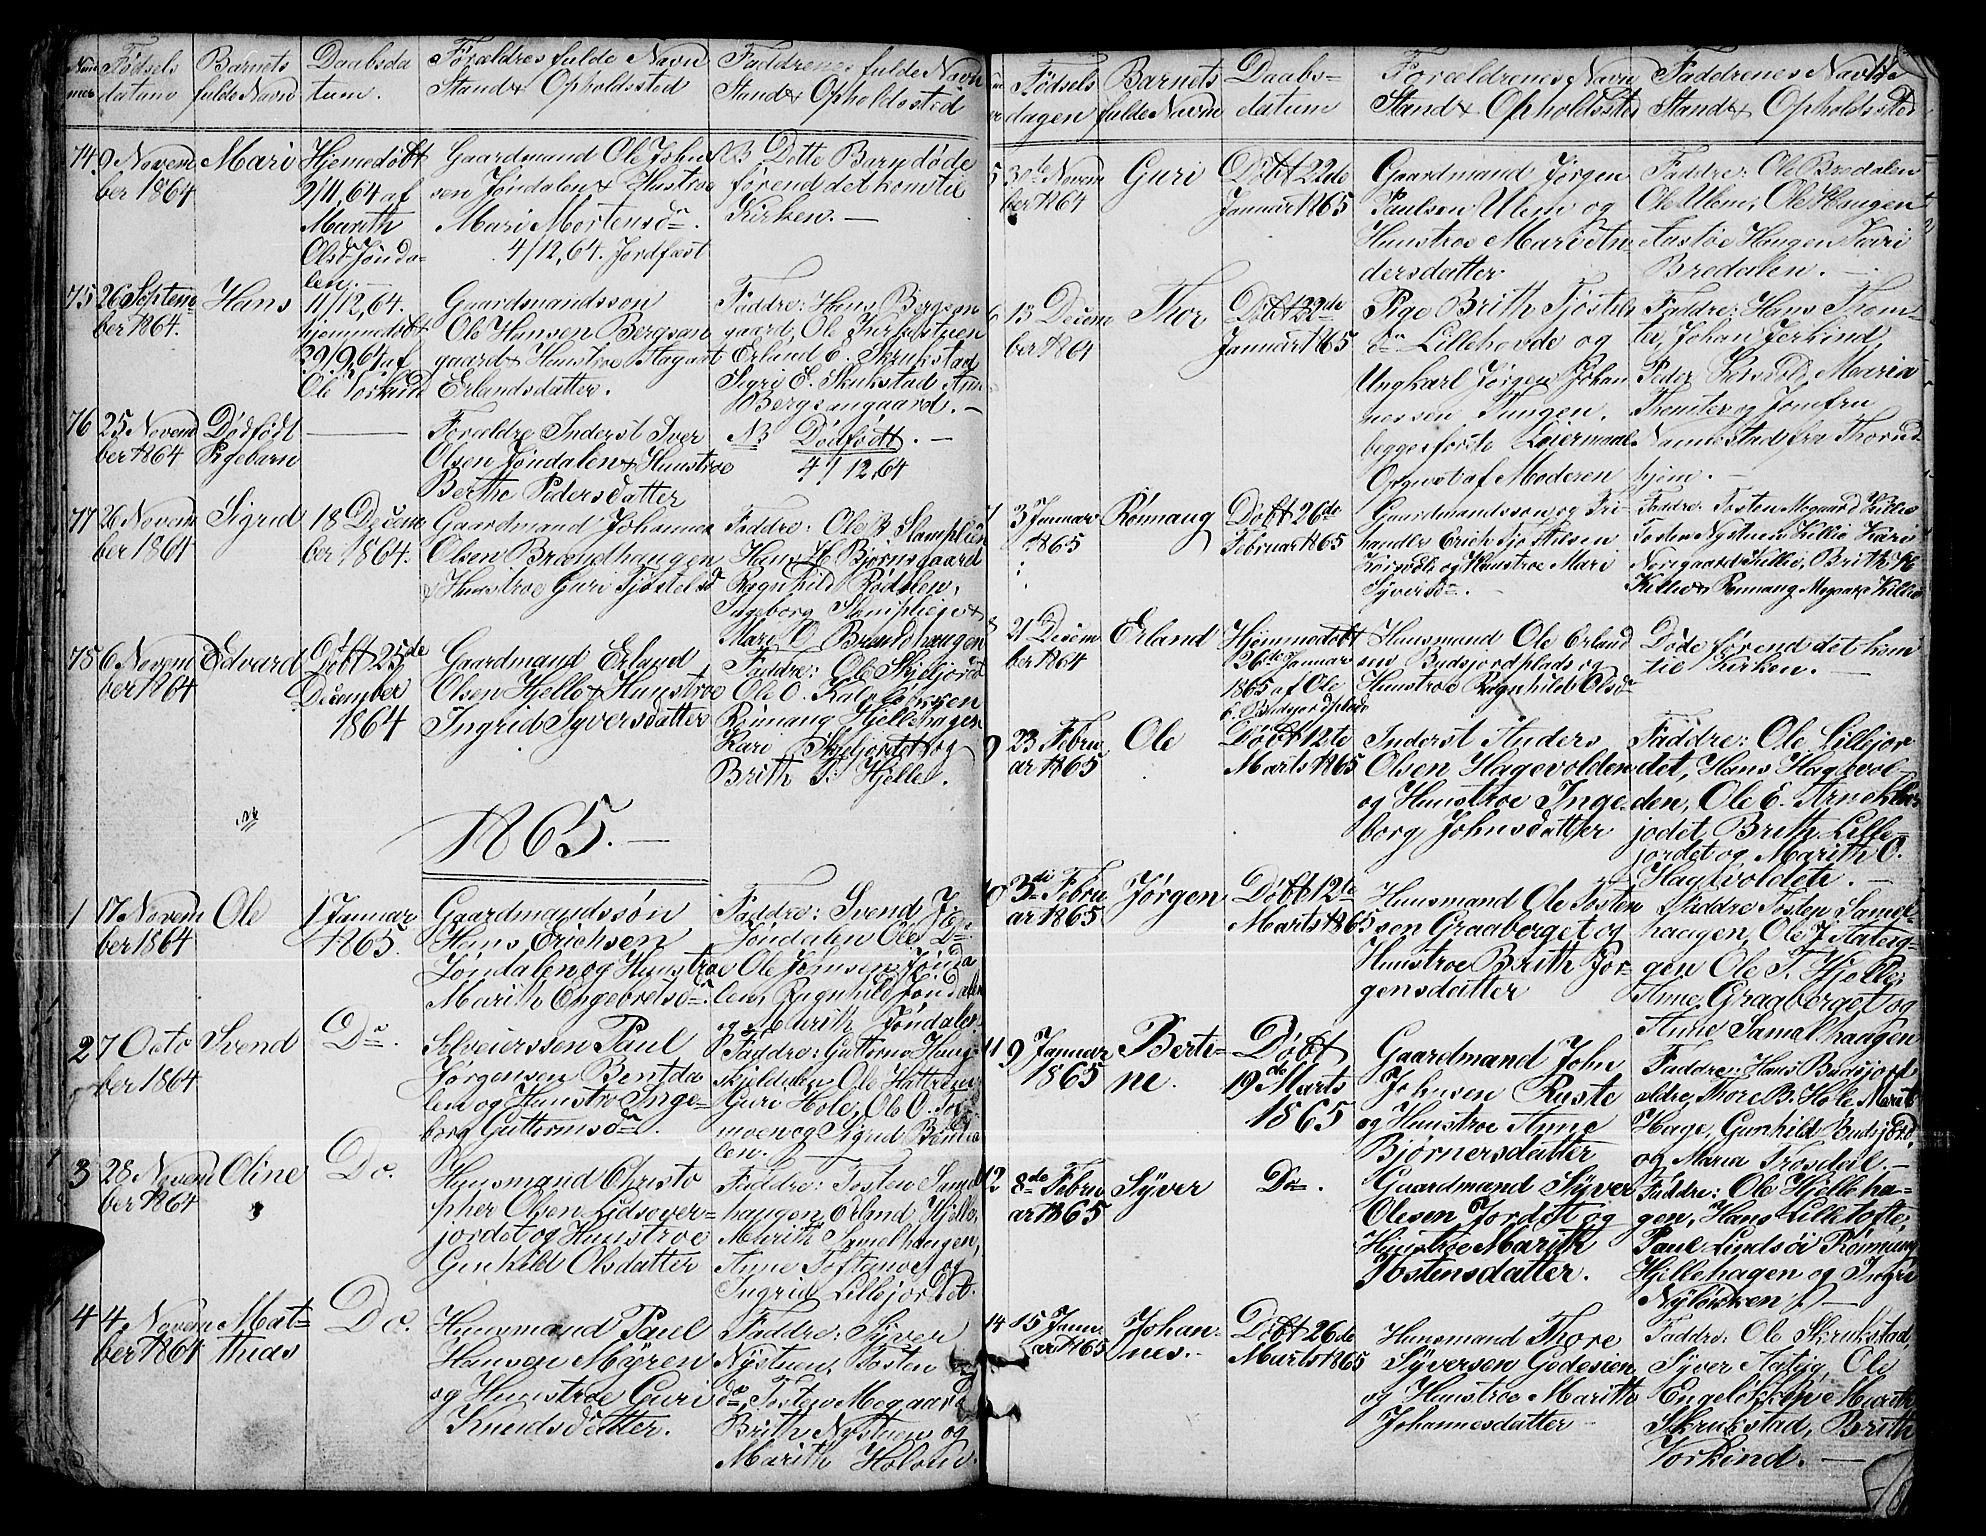 SAH, Dovre prestekontor, Klokkerbok nr. 1, 1862-1880, s. 17